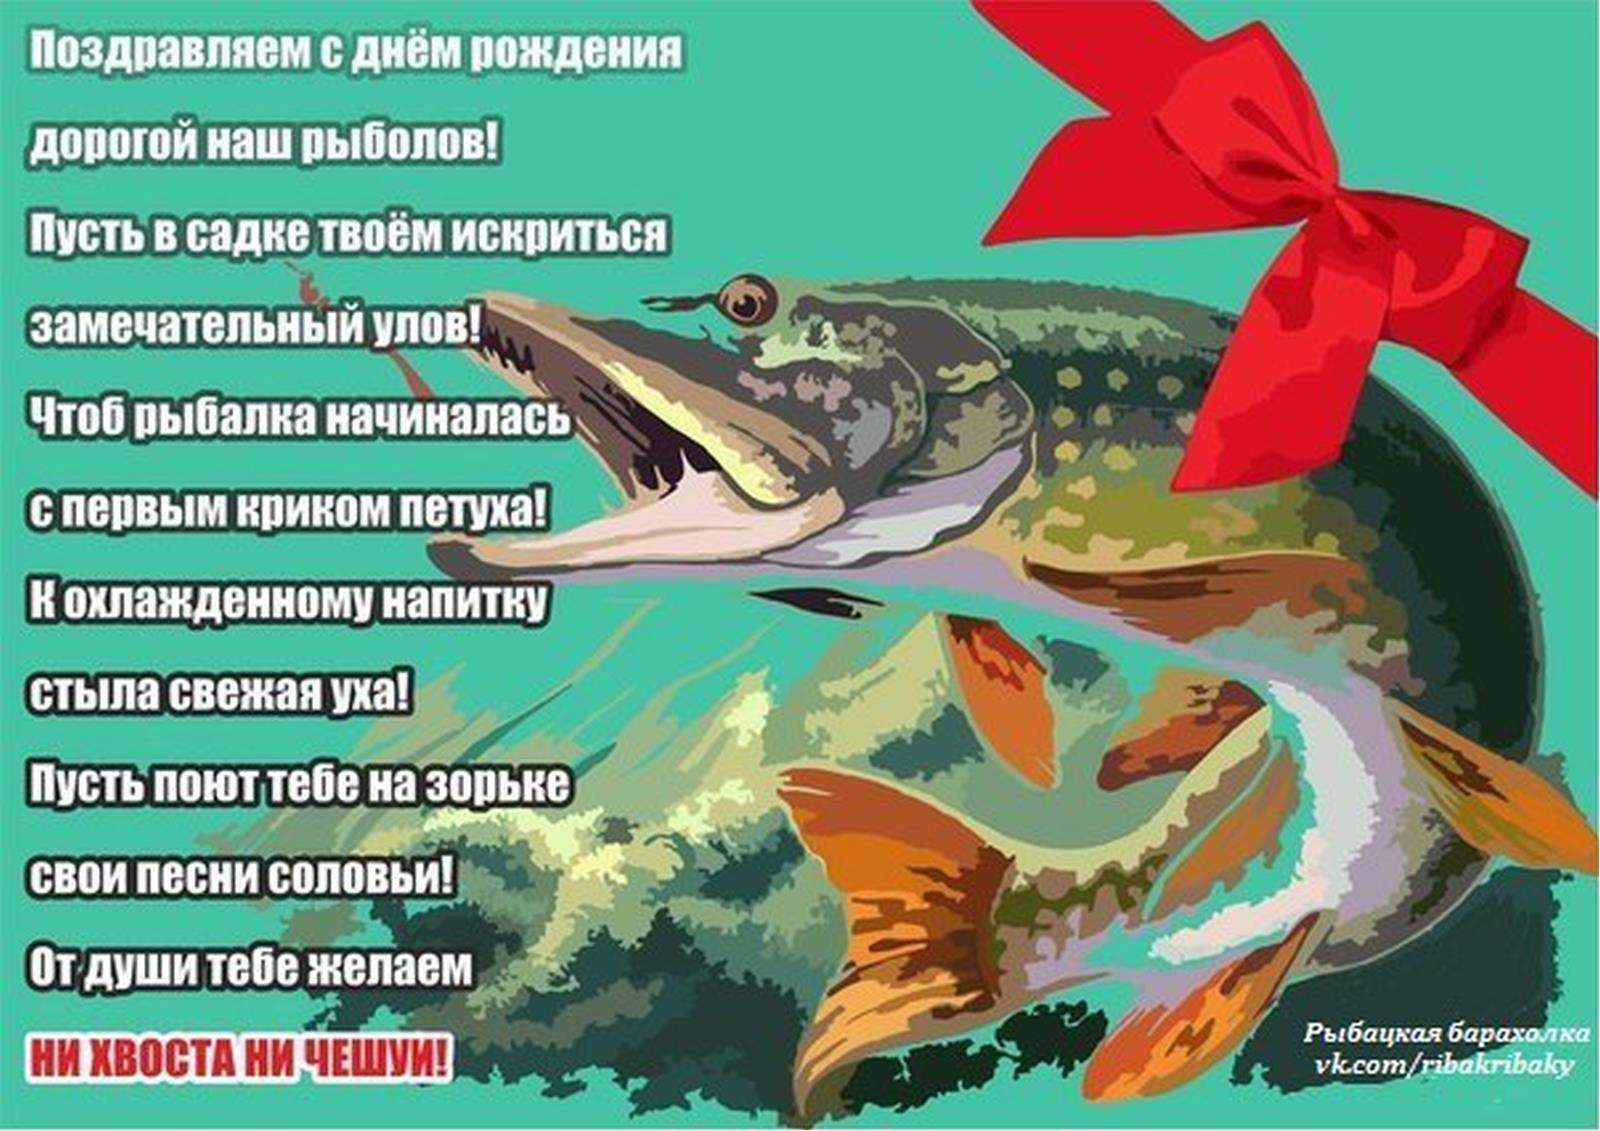 Поздравления с днем рождения прикольные для рыбака